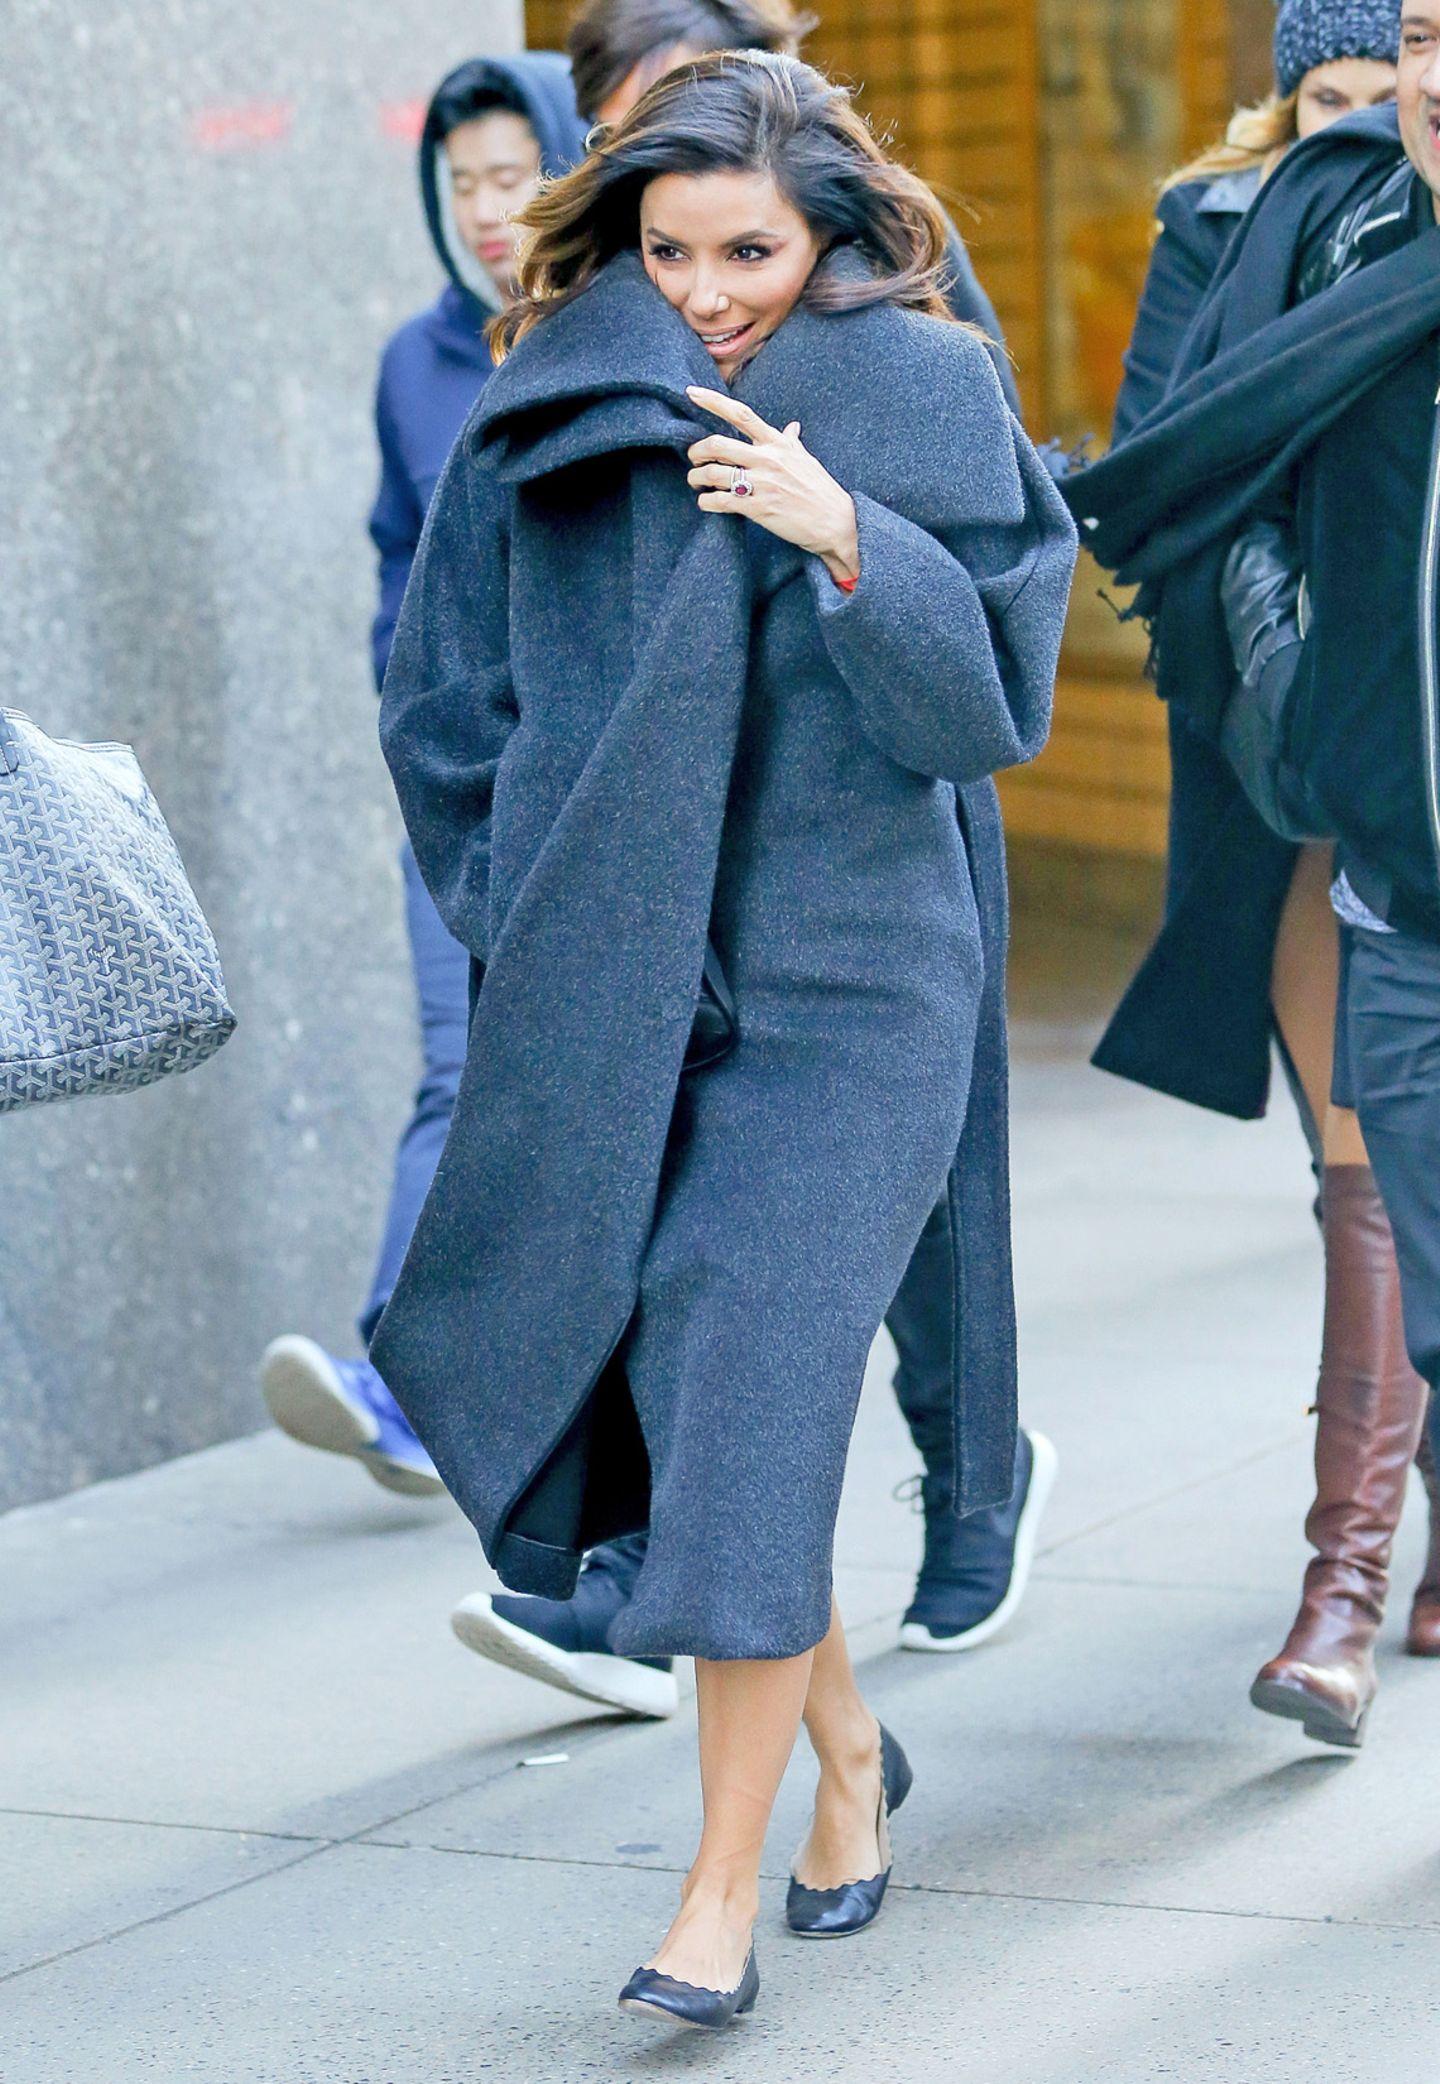 Wer im eisigkalten New York derzeit noch mit Ballerinas herumläuft, braucht zumindest oben herum etwas sehr Warmes und Kuscheliges. Eva Longoria scheint den perfekten Wintermantel mit extrabreitem Kragen gefunden zu haben.